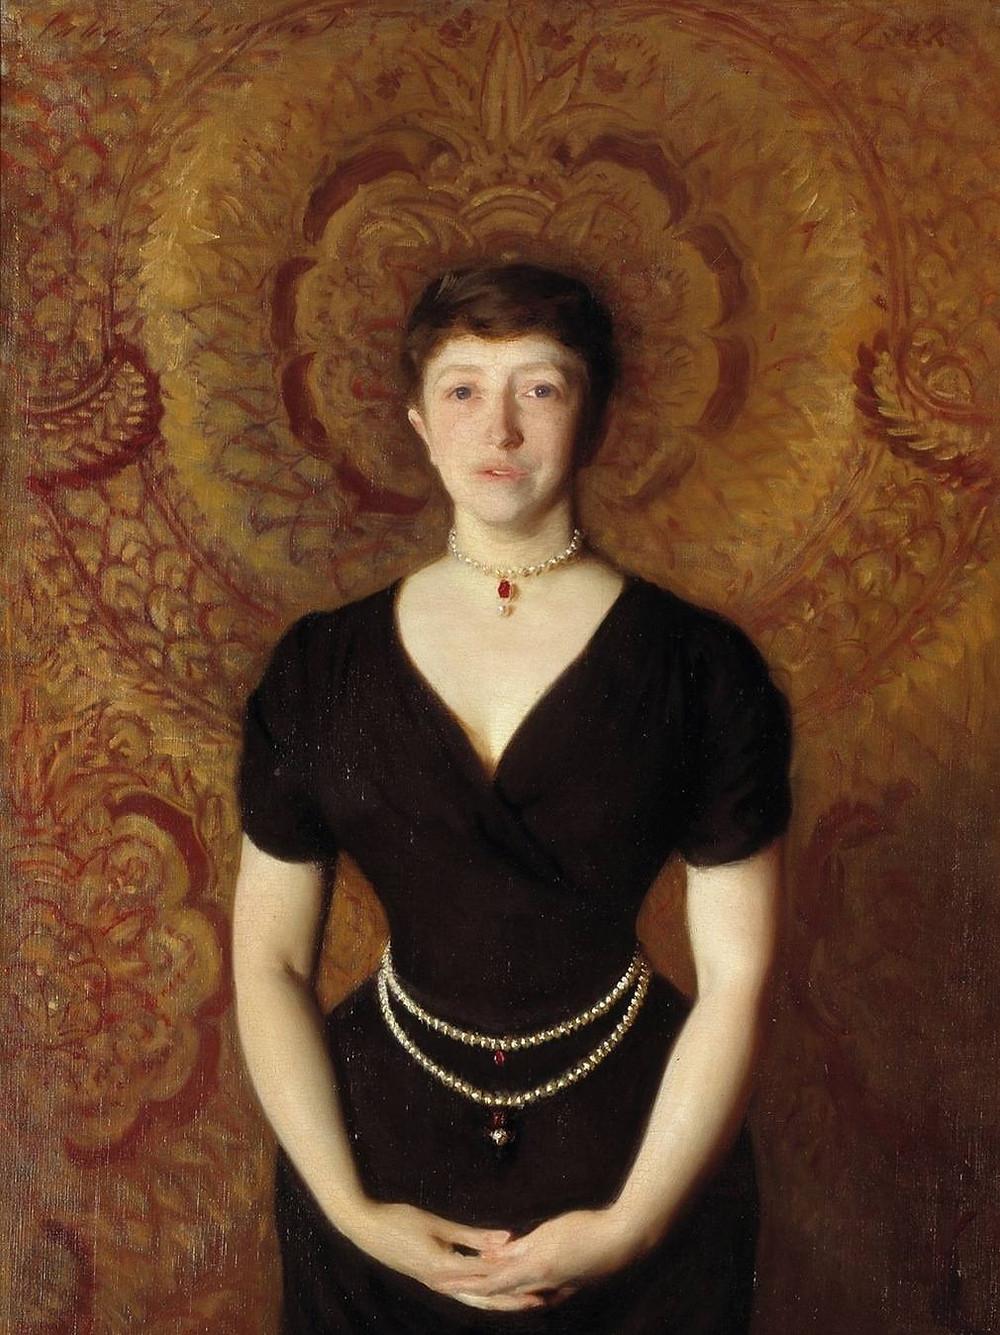 Isabella Stewart Gardner Portrait by John Singer Sargent, on view in the Gothic Room